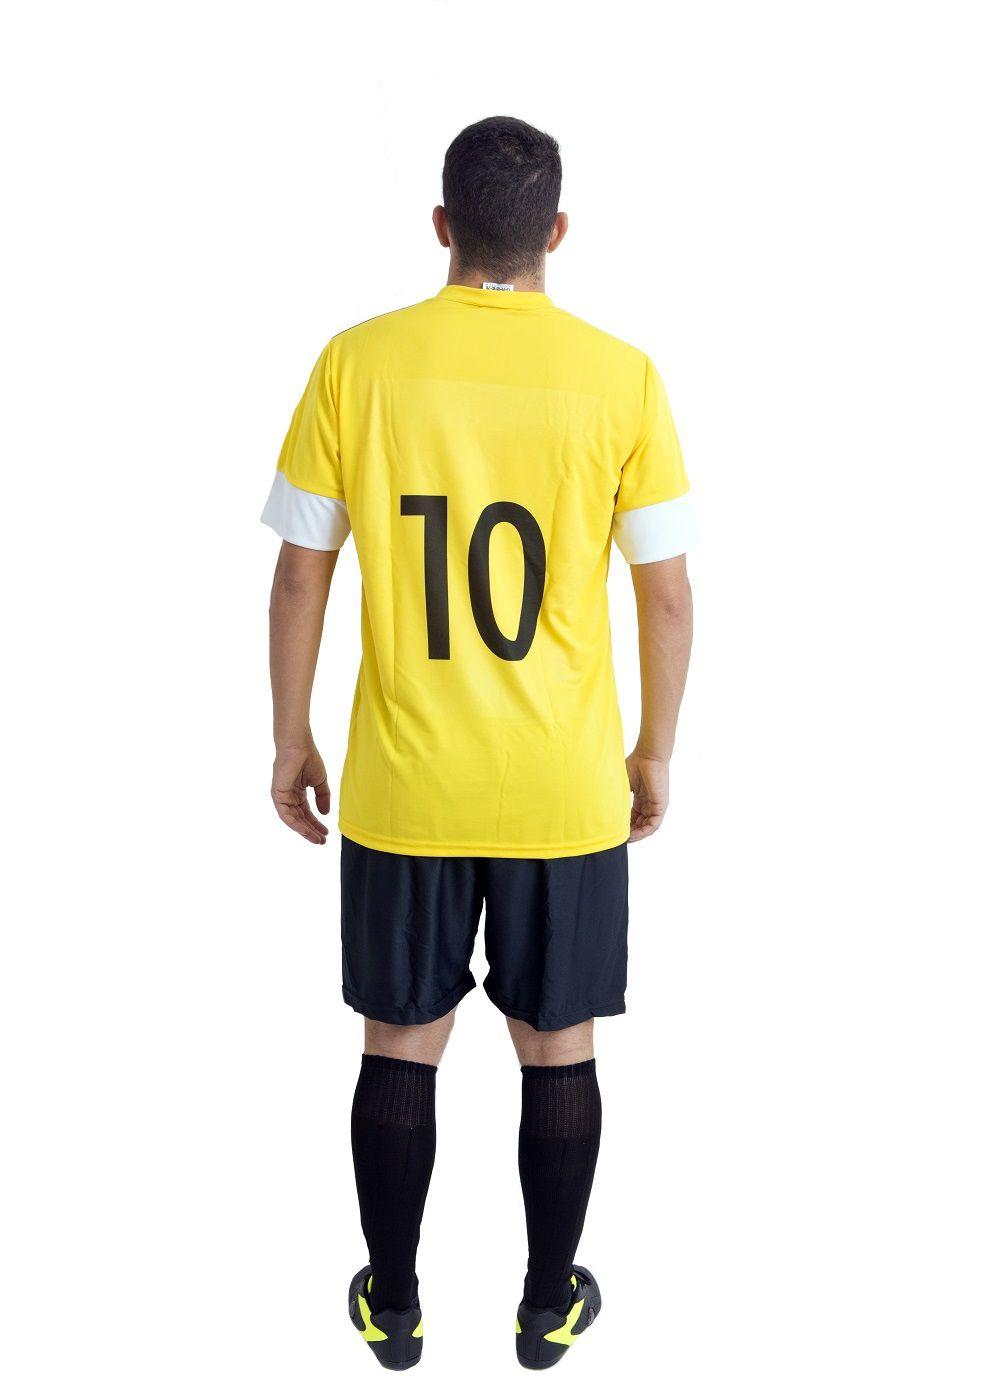 Uniforme Esportivo Completo modelo Sporting 14+1 (14 camisas Amarelo/Preto/Branco + 14 calções Madrid Preto + 14 pares de meiões Pretos + 1 conjunto de goleiro) + Brindes